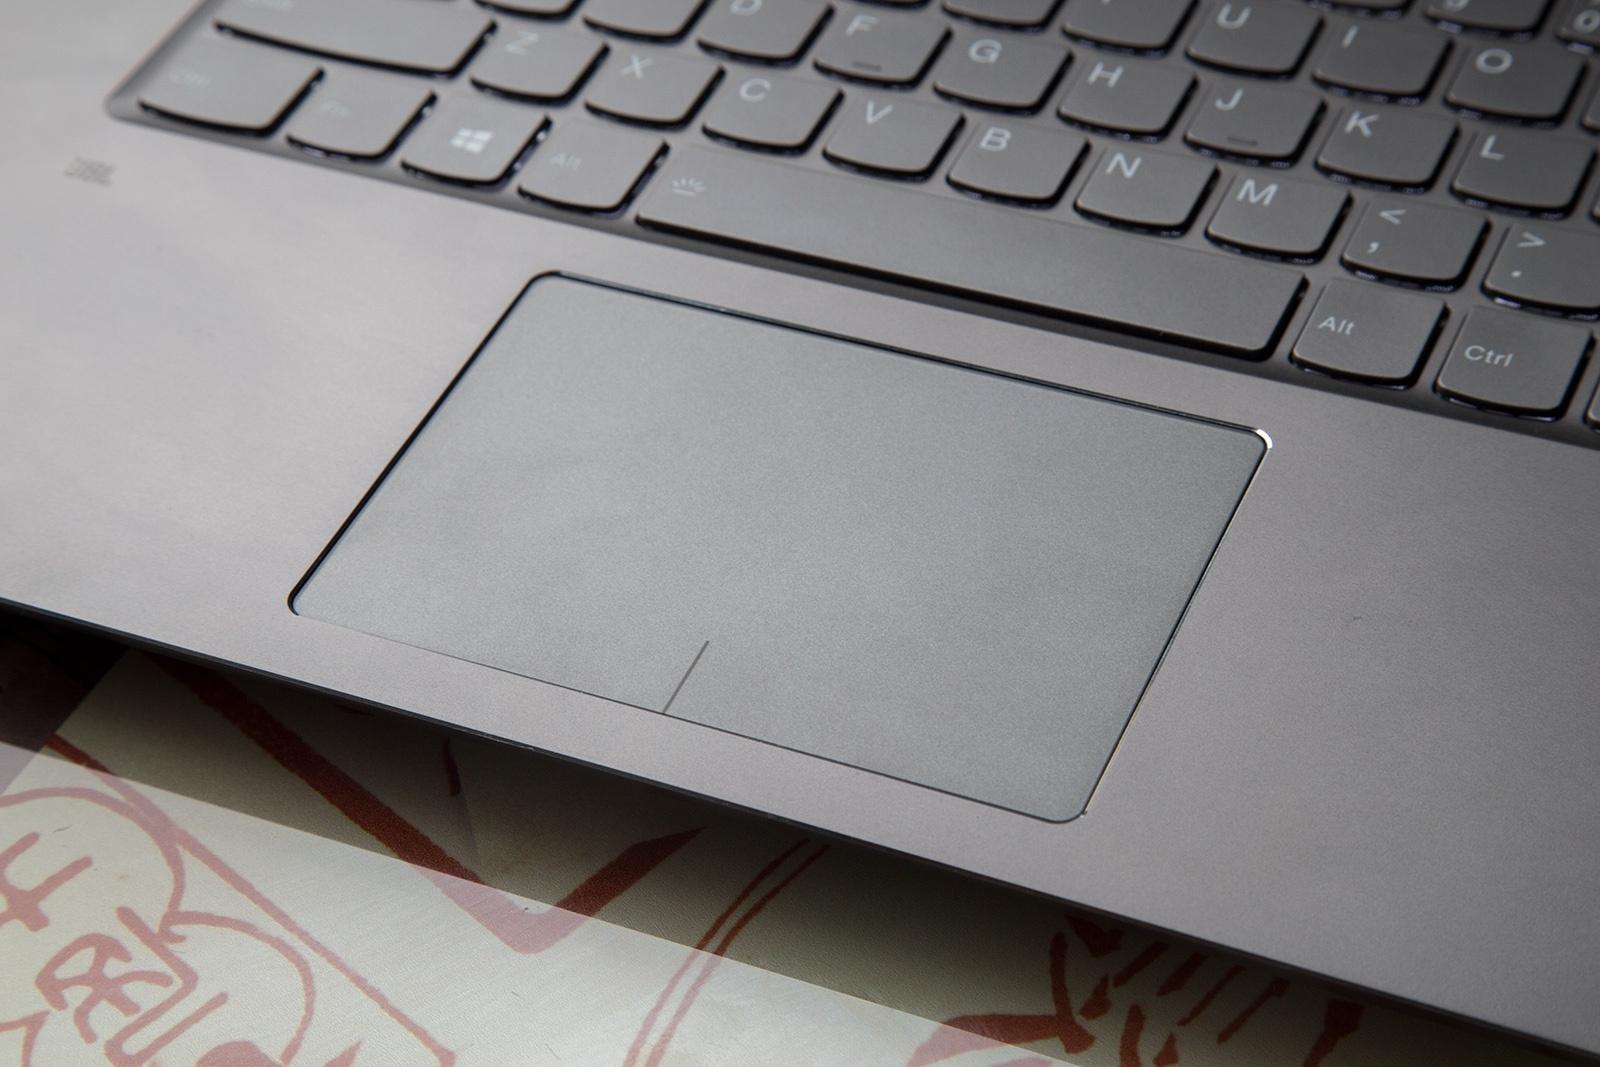 Универсальный Йог. Обзор ноутбука-трансформера Lenovo Yoga 720 - 17